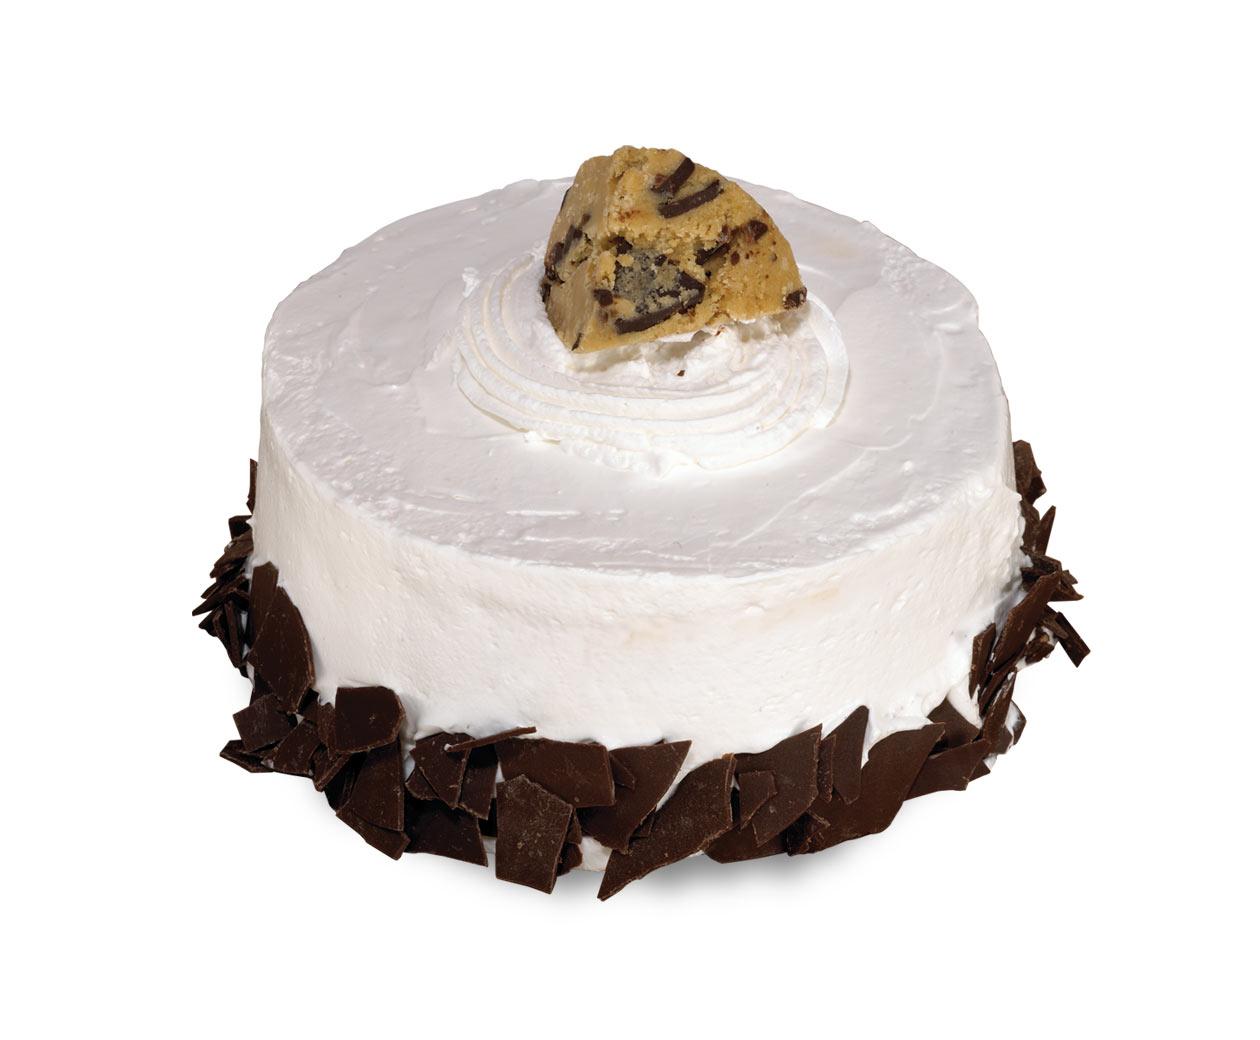 Cookie Dough Delirium Petite Ice Cream Cakes At Cold Stone